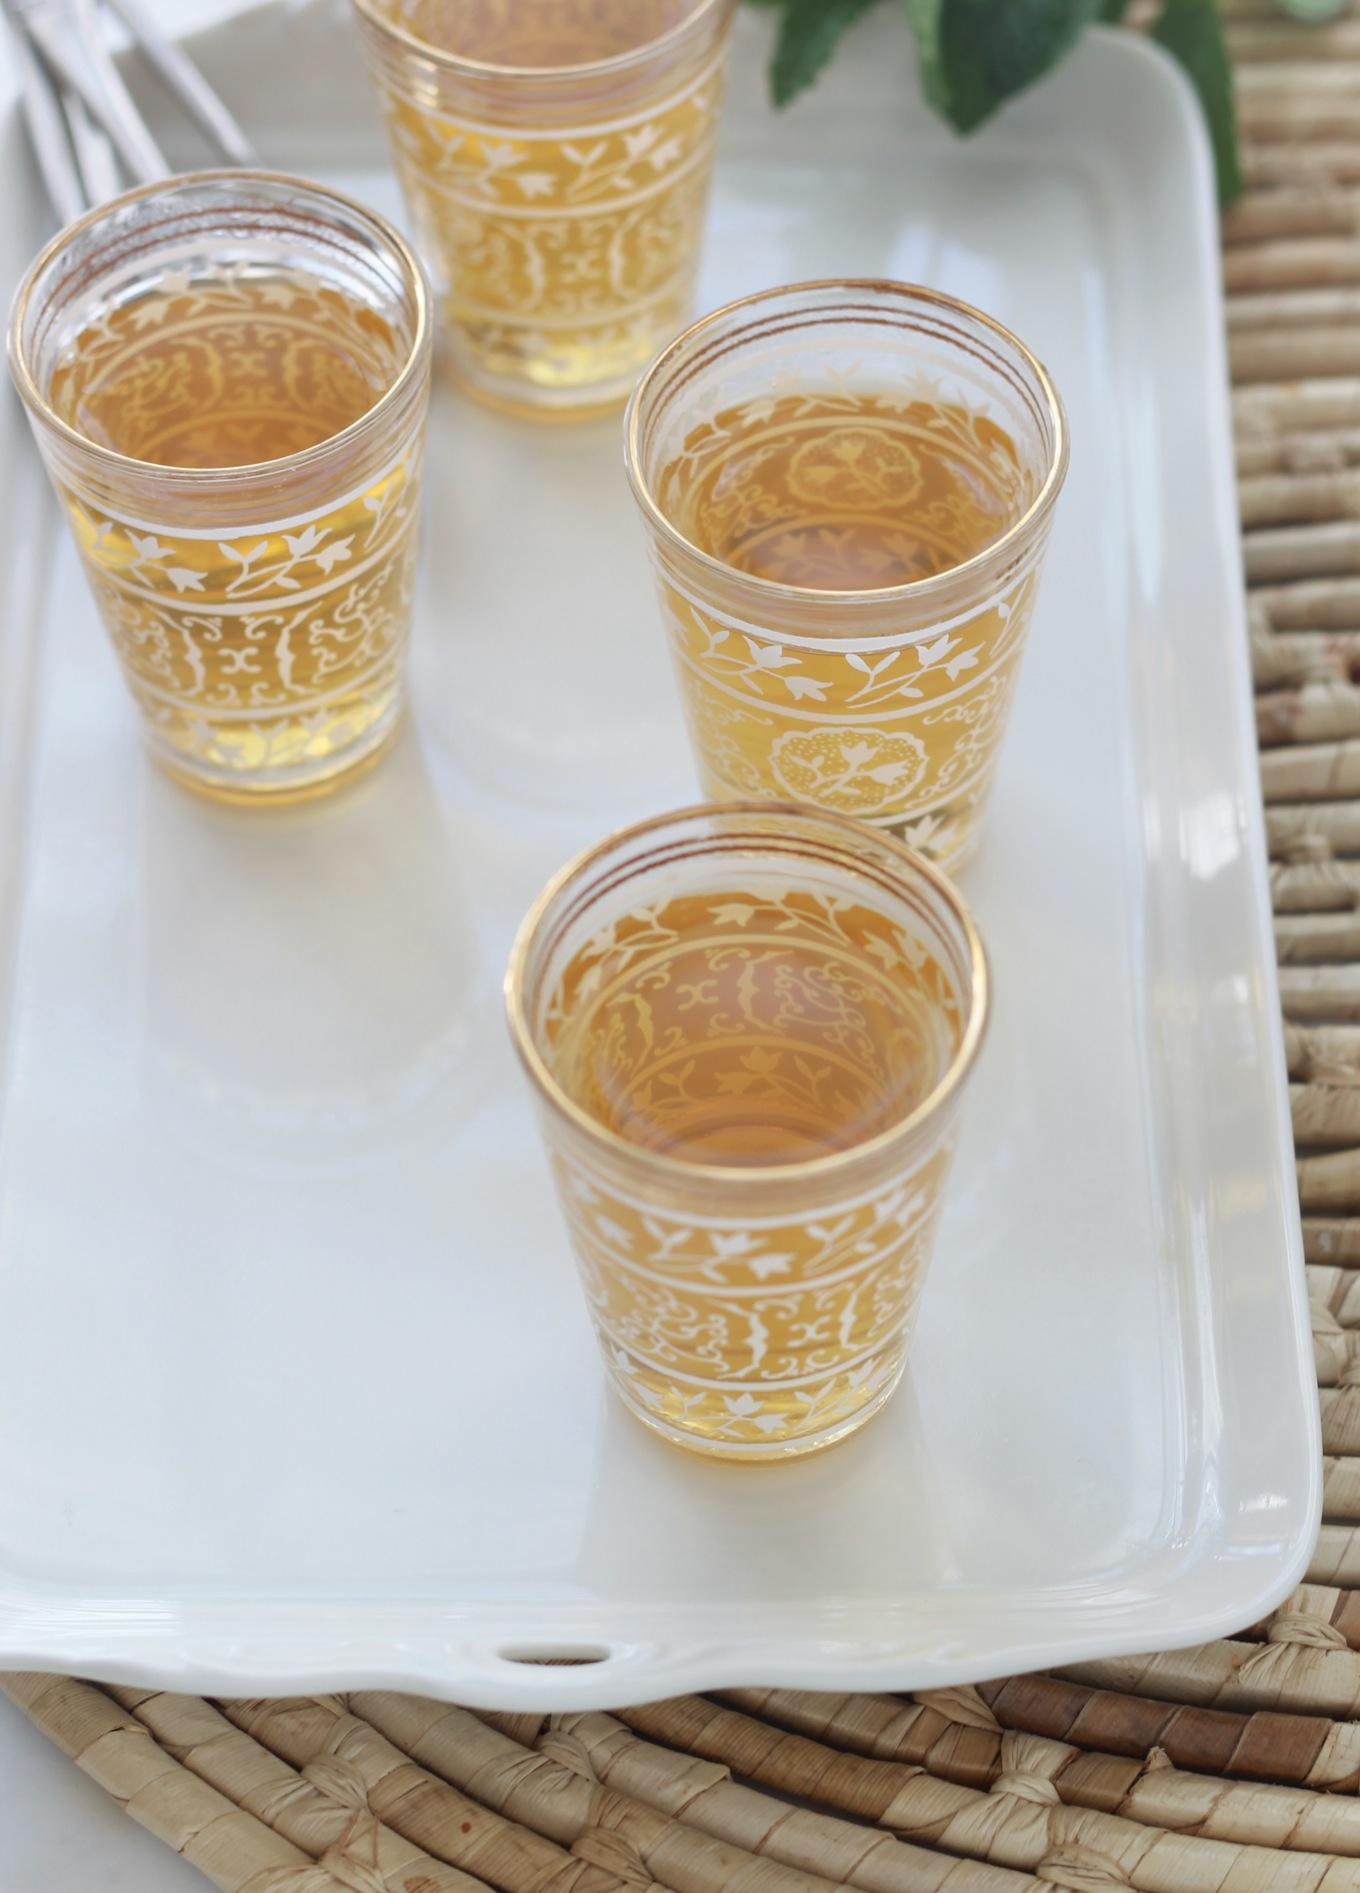 Thé vert à la menthe traditionnel. Feuilles de thé vert séchées + menthe fraîche. Eventuellement des épices comme les clous de girofle. A déguster avec des biscuits ou des fruits secs. / cuisineculinaire.com